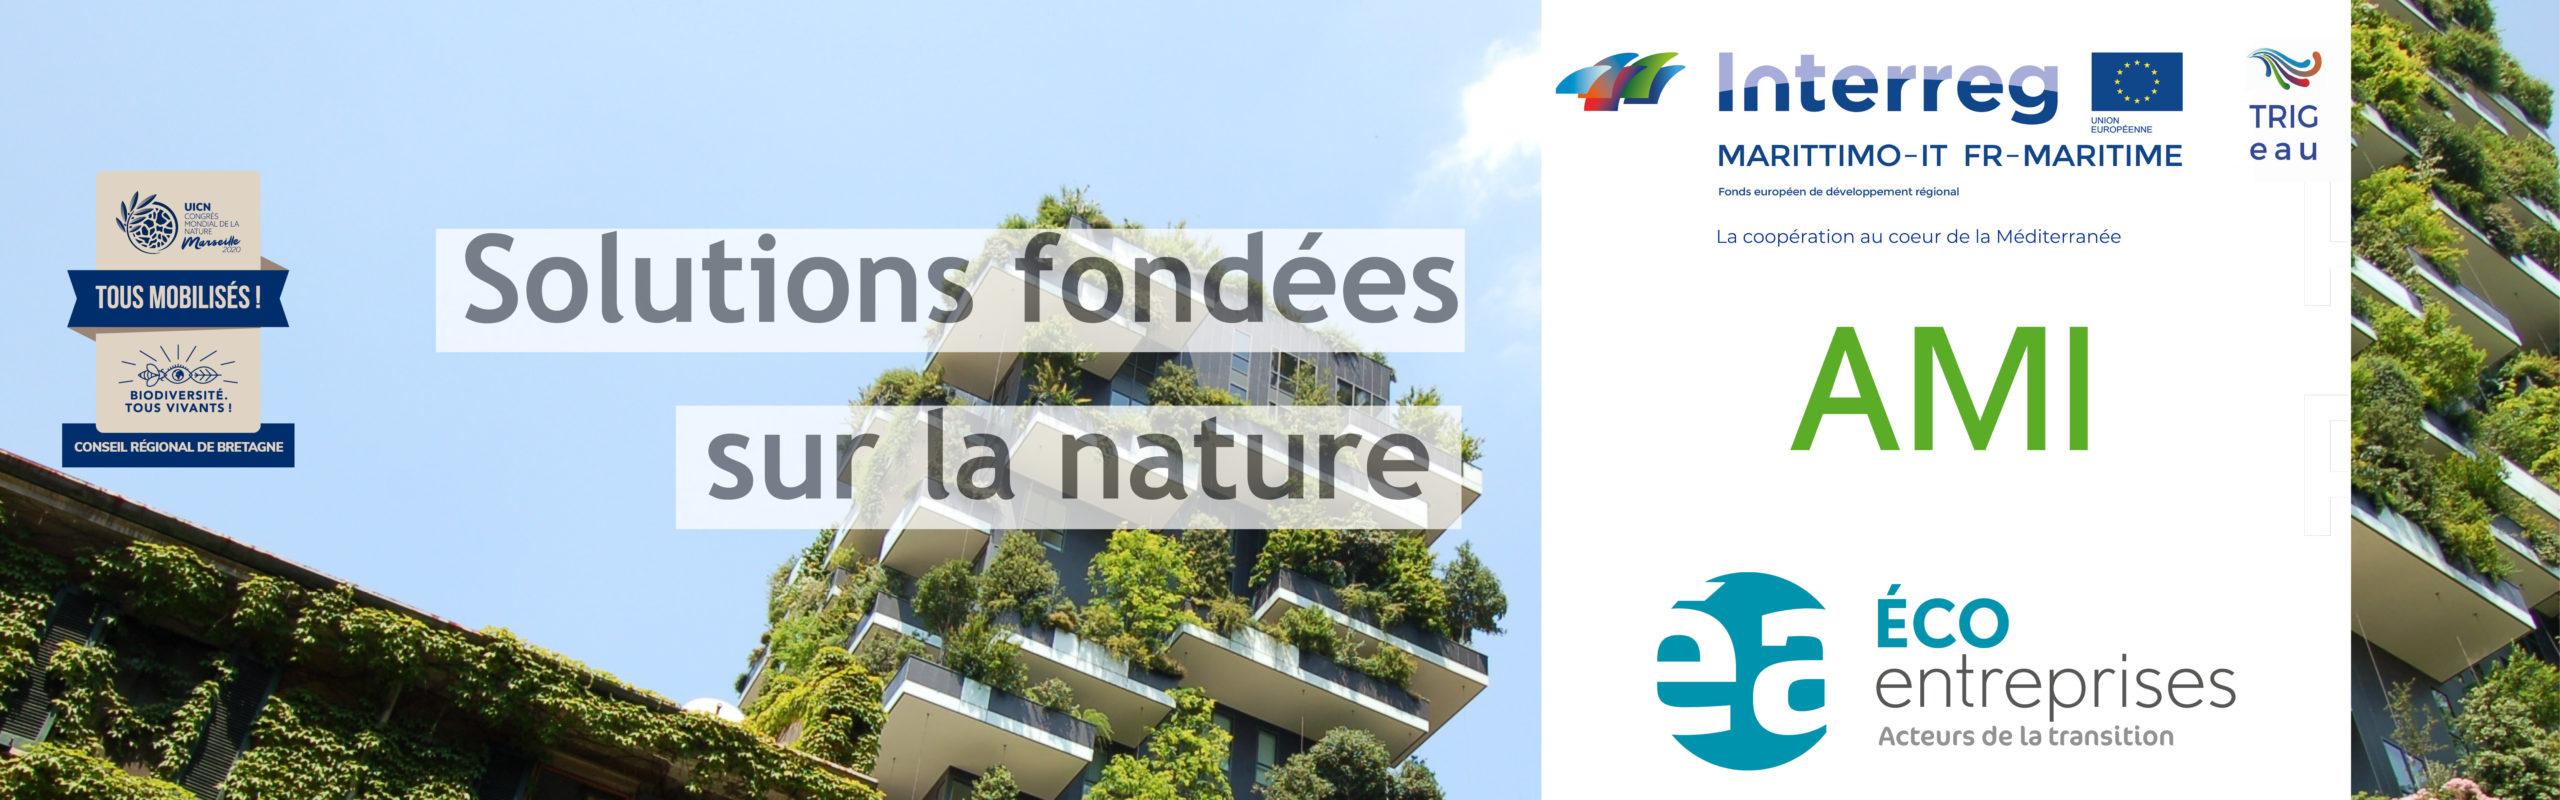 AMI Les solutions fondées sur la nature